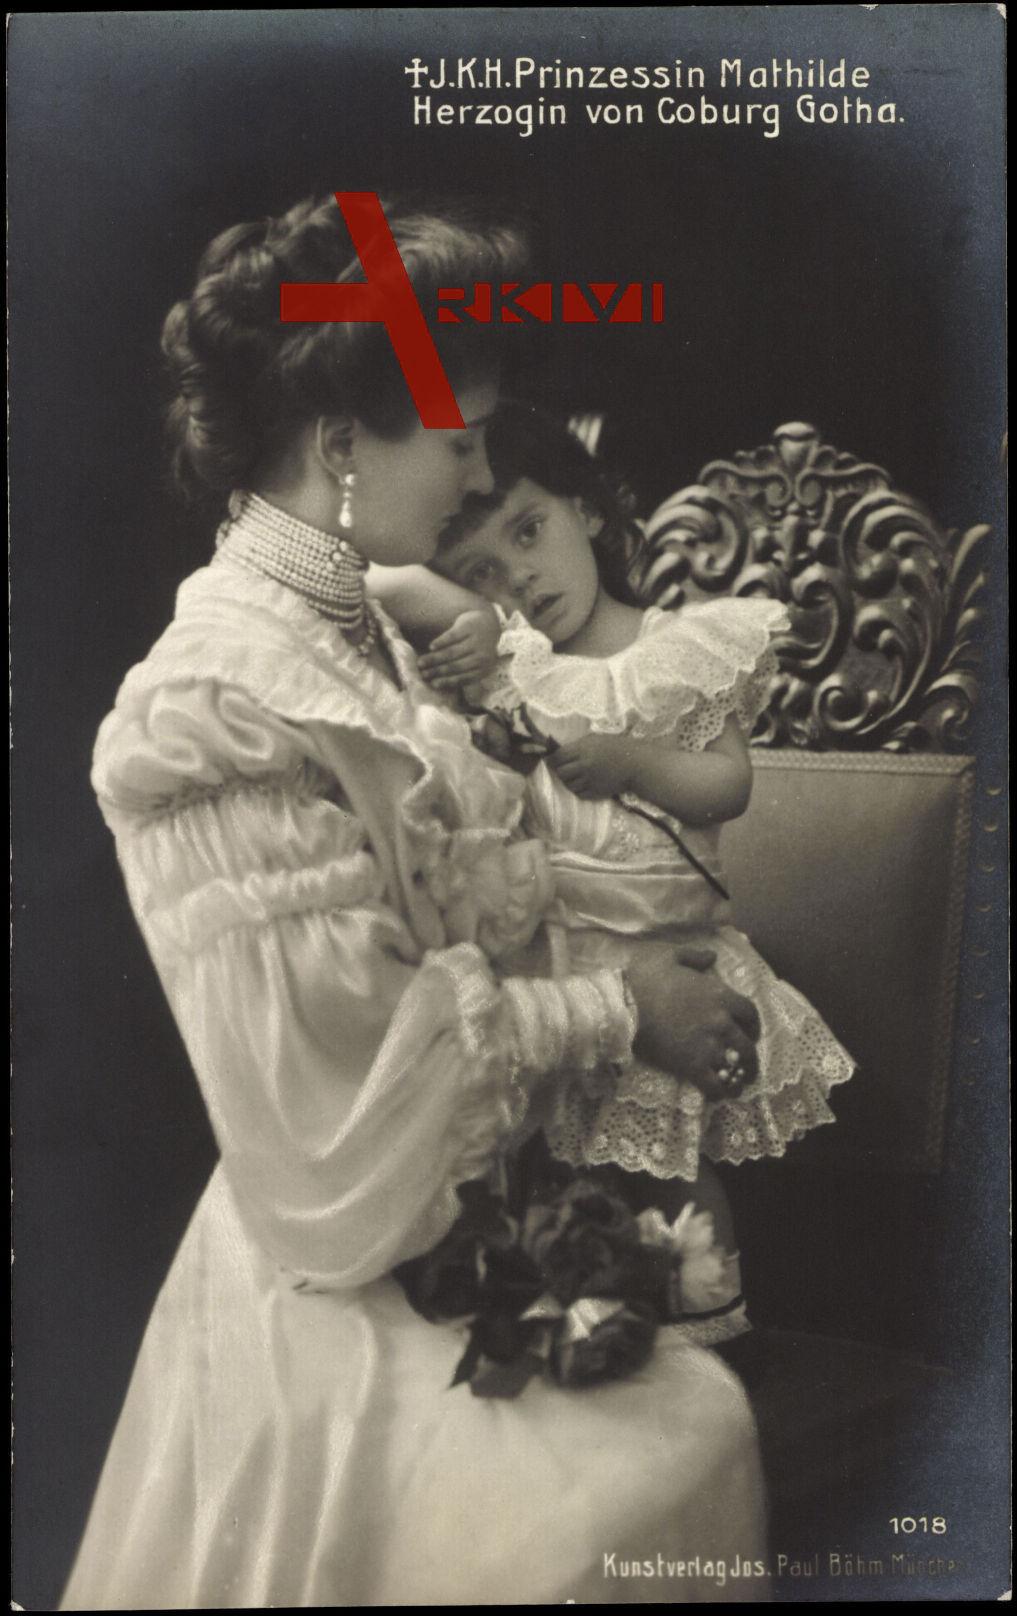 Prinzessin Mathilde, Herzogin von Sachsen Coburg Gotha